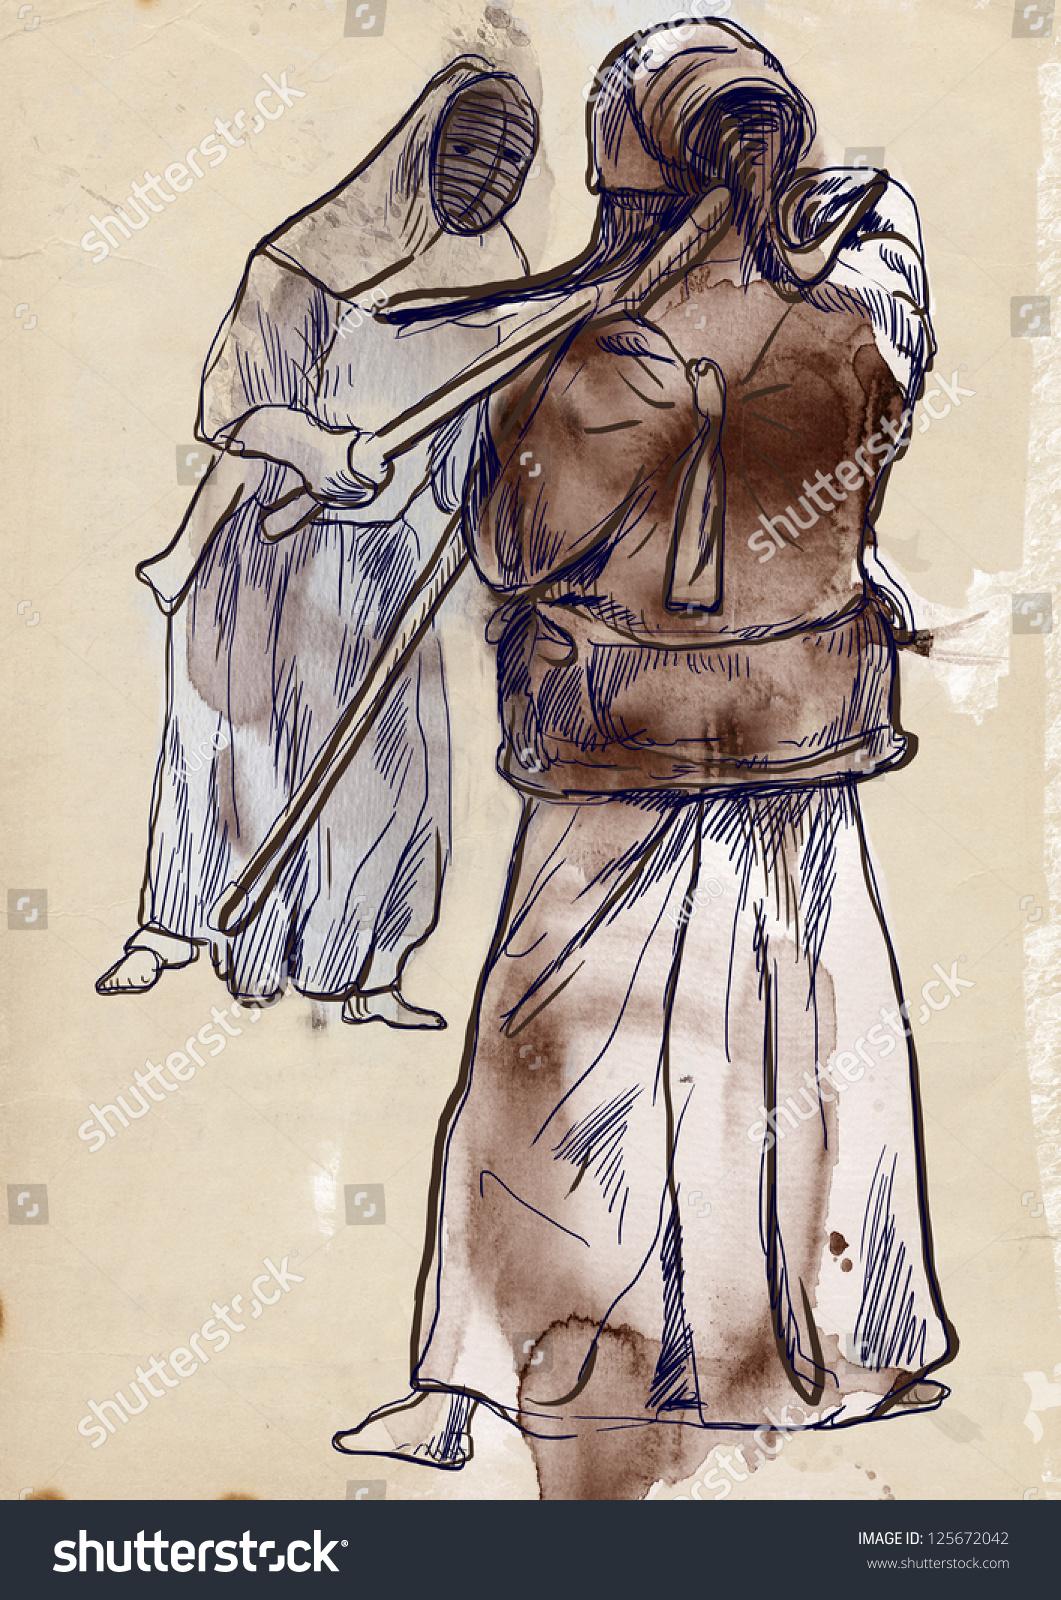 两个武道的手绘插图战士战斗在比赛